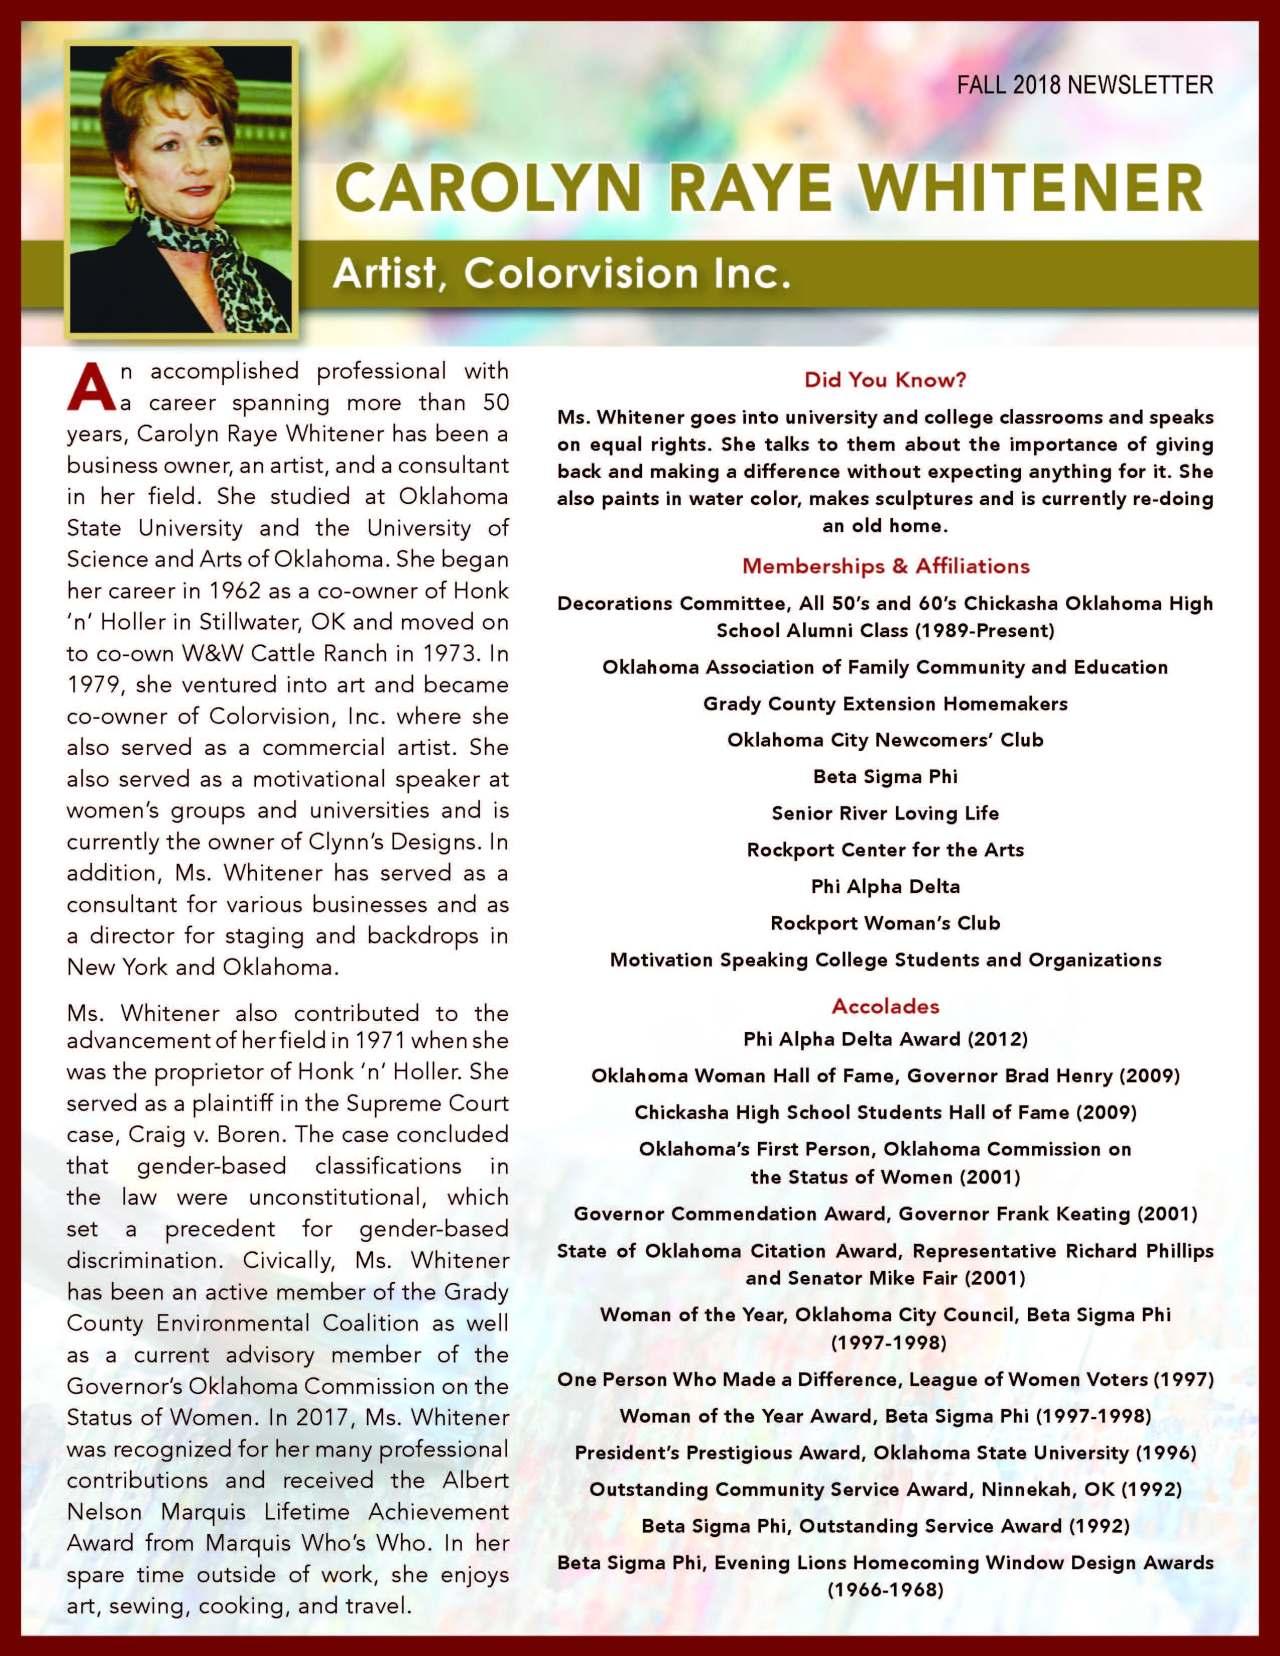 Whitener, Carolyn 3625670_27177476 Newsletter.jpg